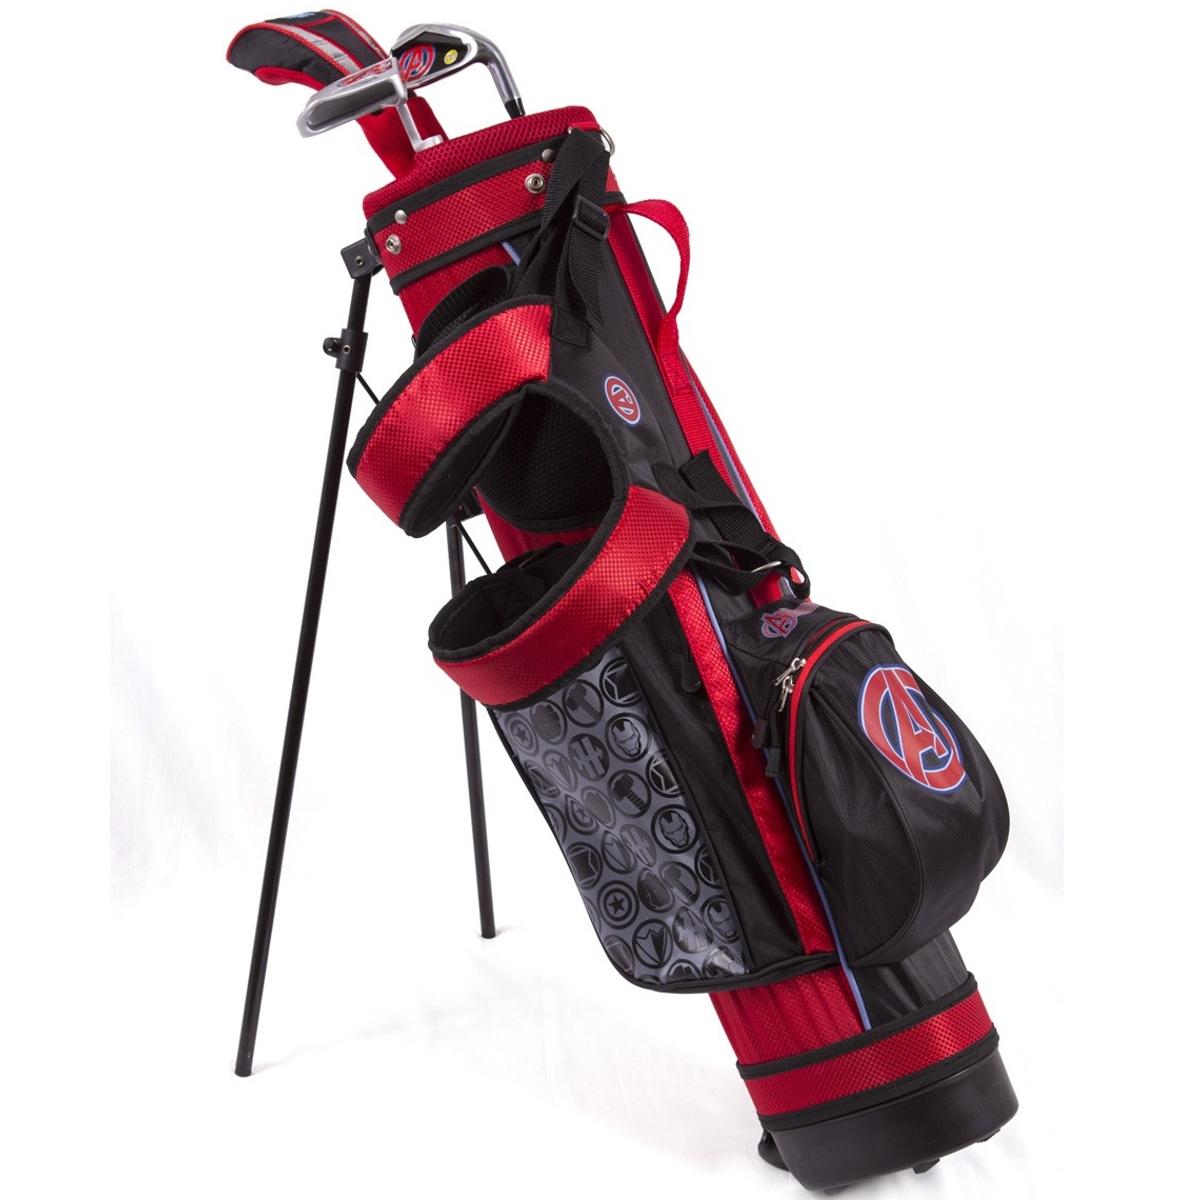 Marvel Avengers Junior Golf Set - 3-5 Years